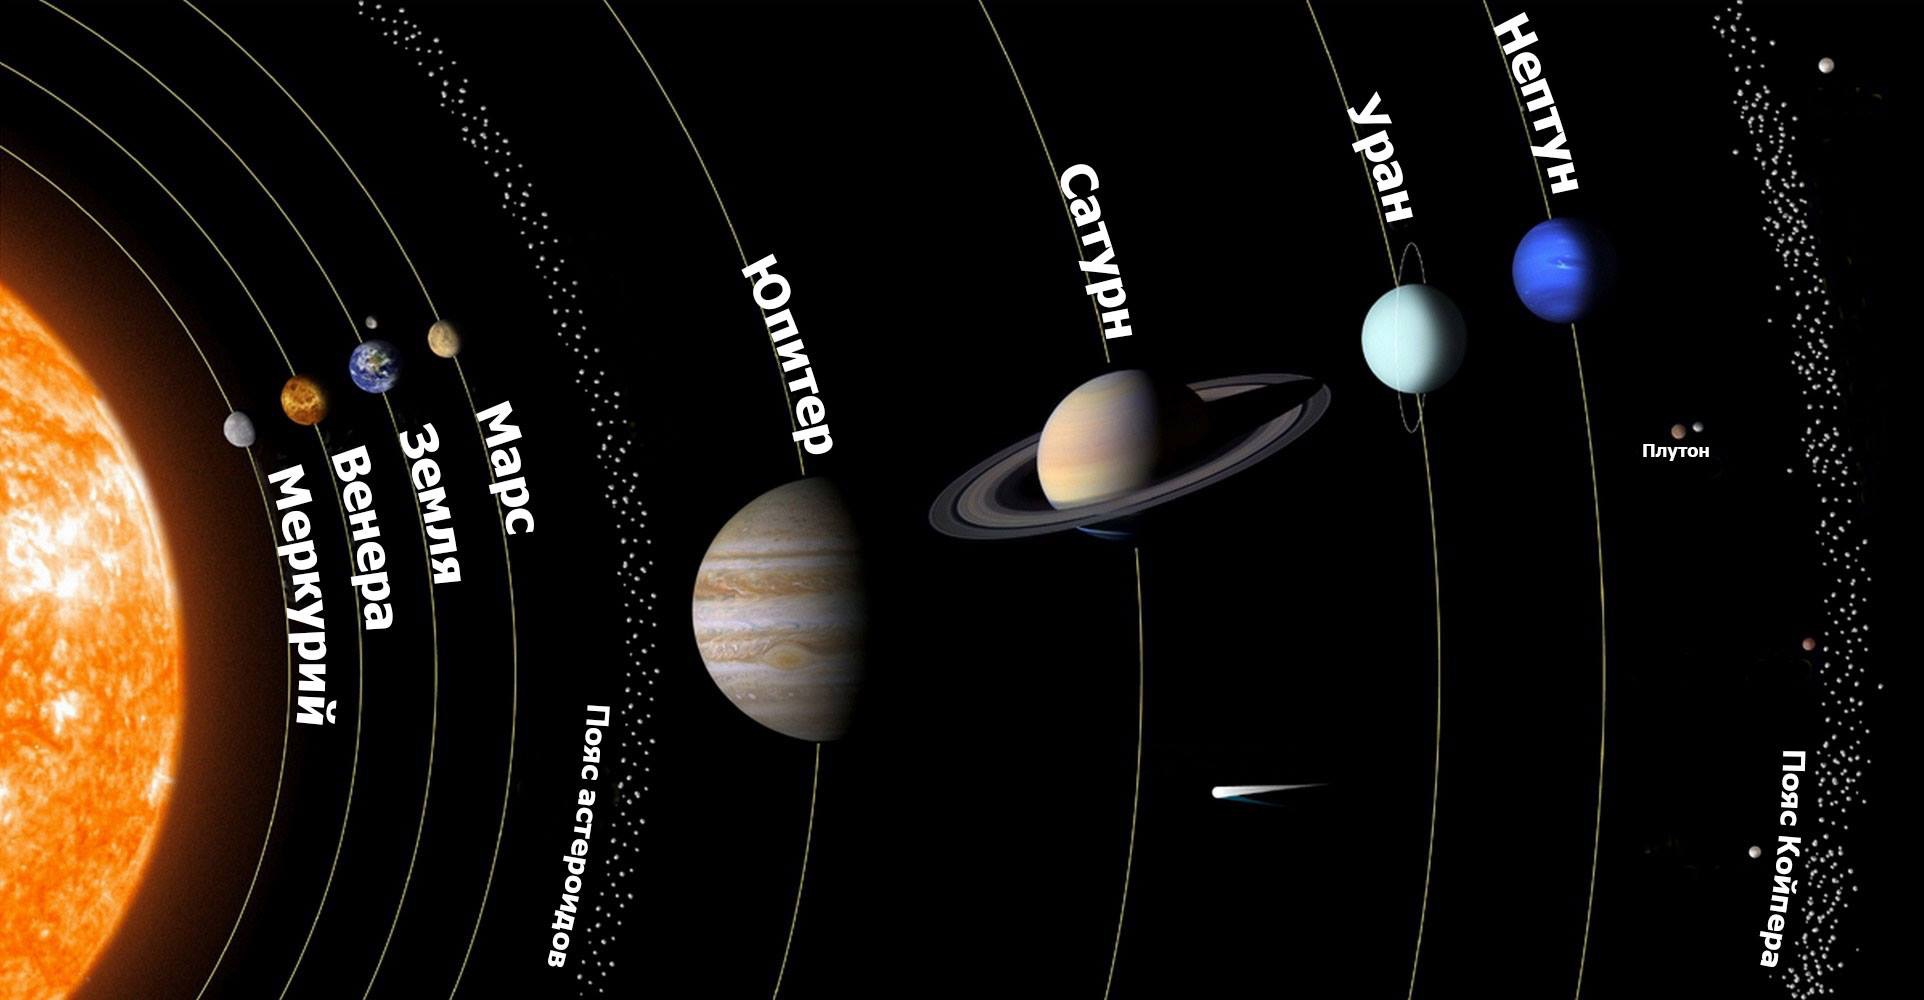 последовательность планет картинки